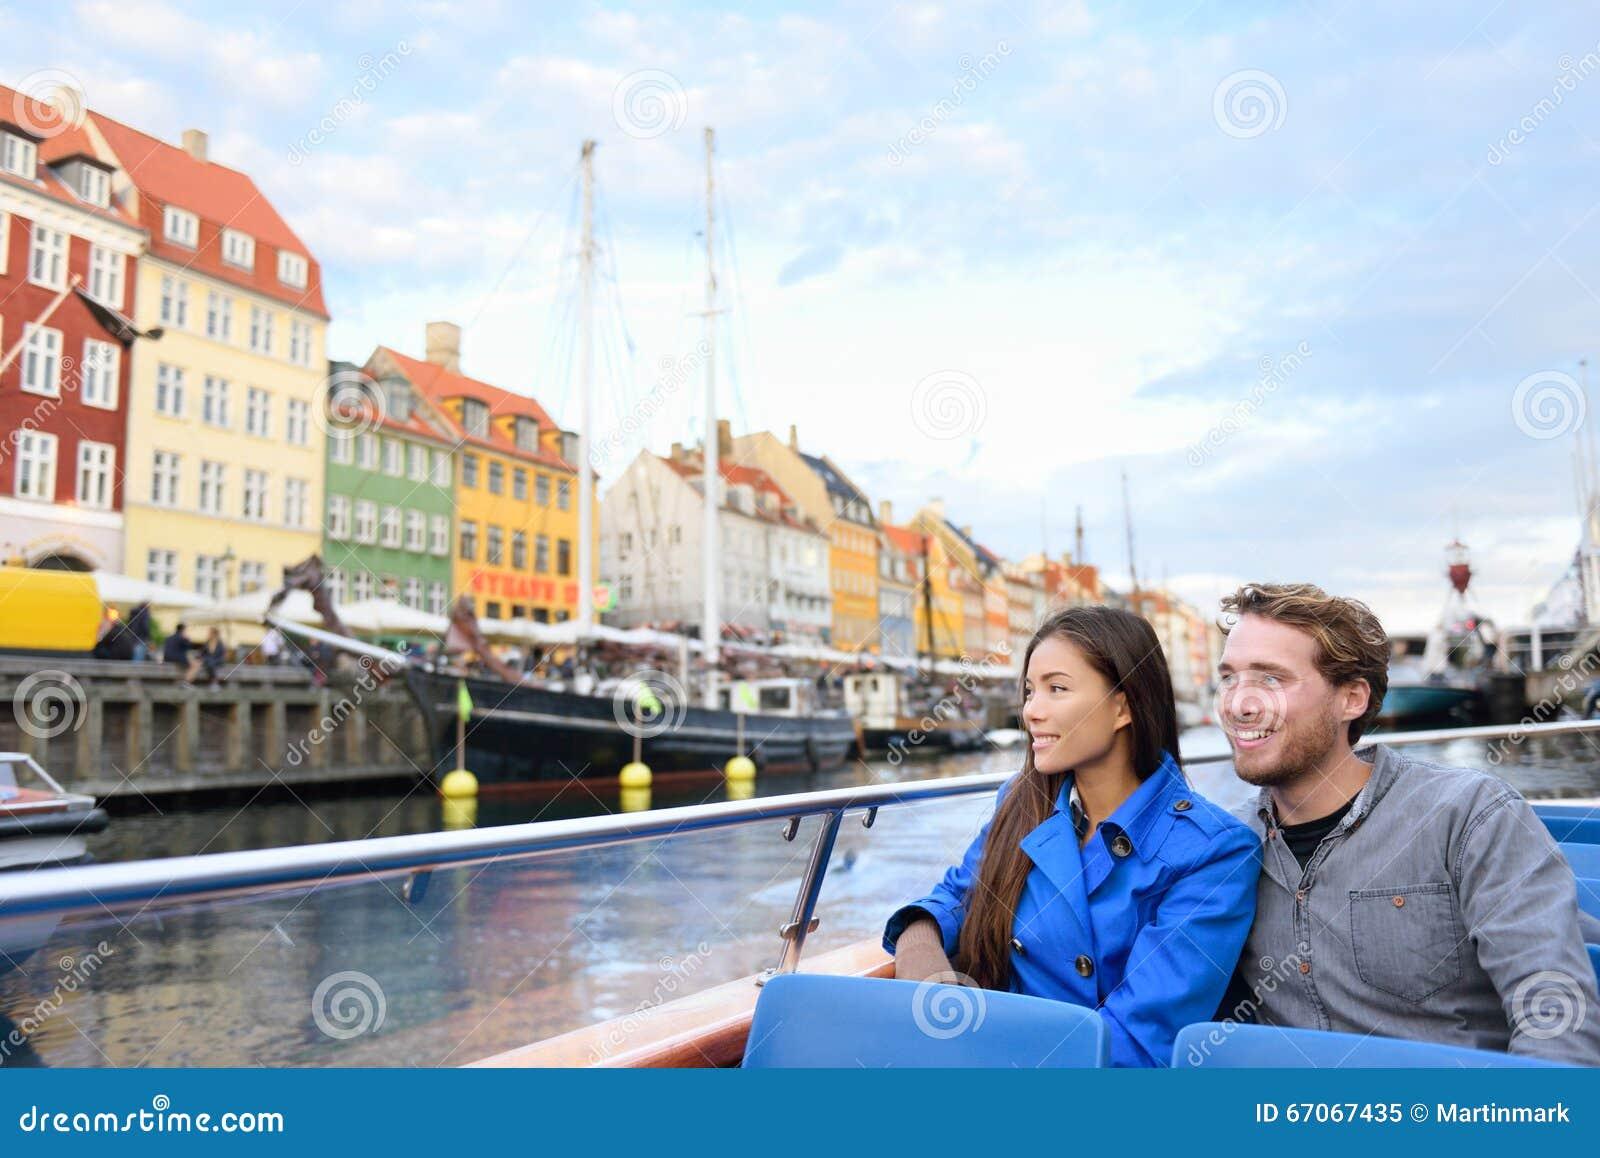 Gente de los turistas de Copenhague en el viaje del barco de Nyhavn